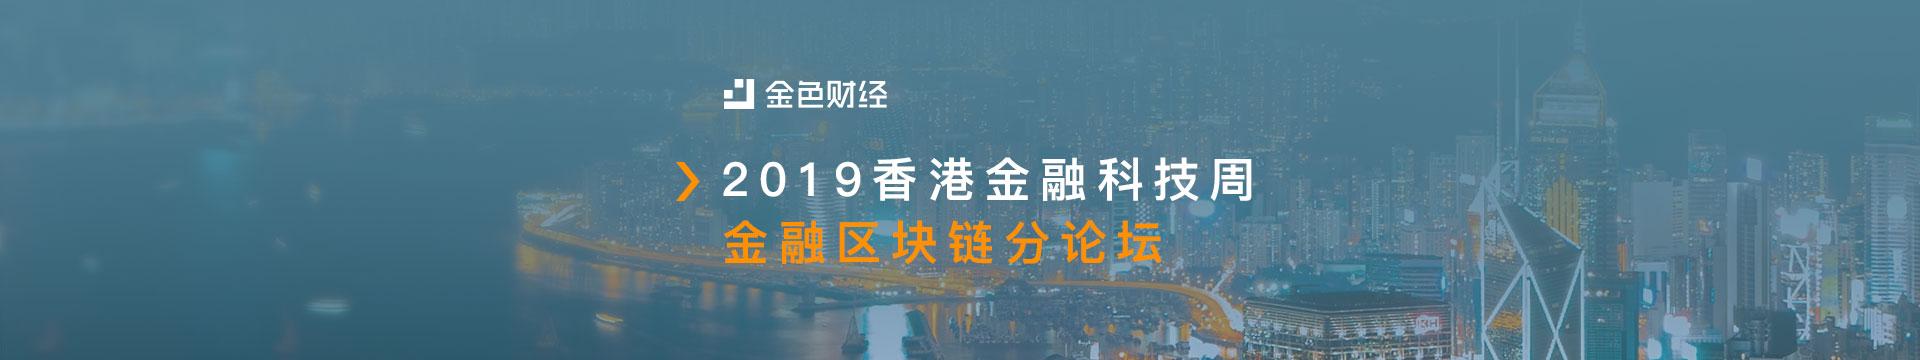 專題丨直擊香港金融科技周:虛擬資產交易平臺政策出臺 利好不斷